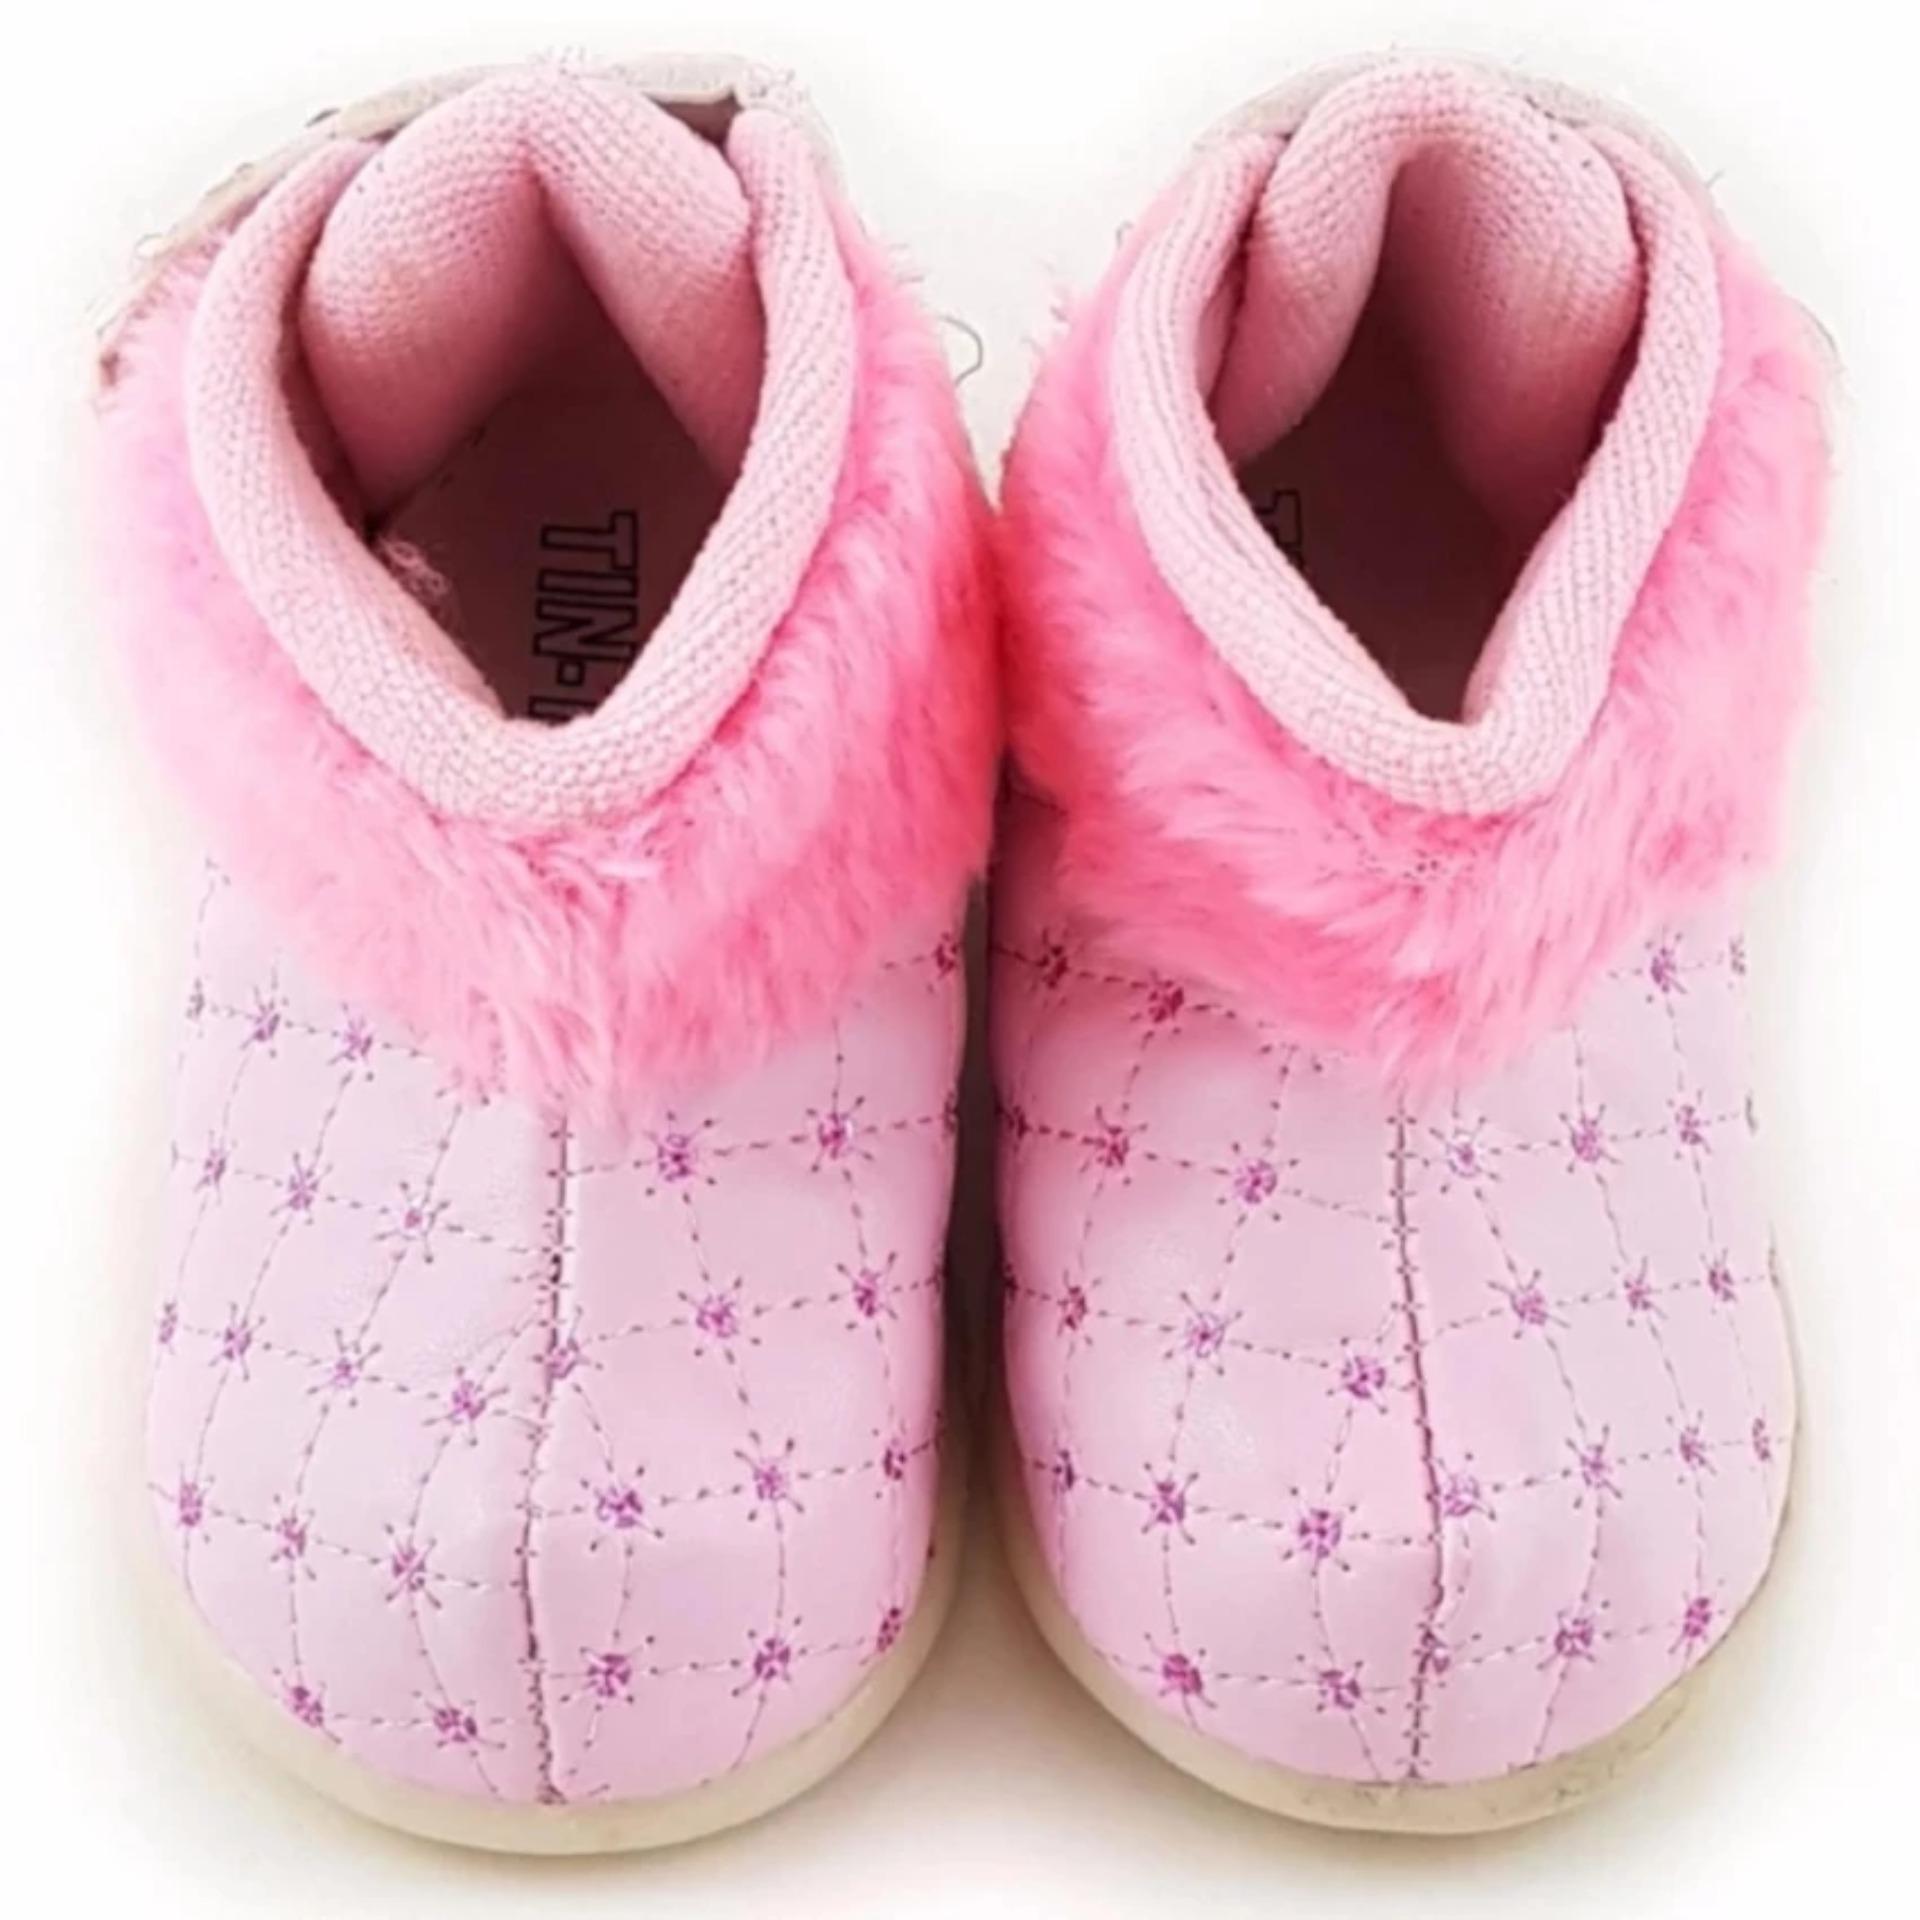 TrendiShoes Sepatu Bayi Perempuan Prewalker Glitter Mewah - Fuchsia. Source ... Sepatu Boot